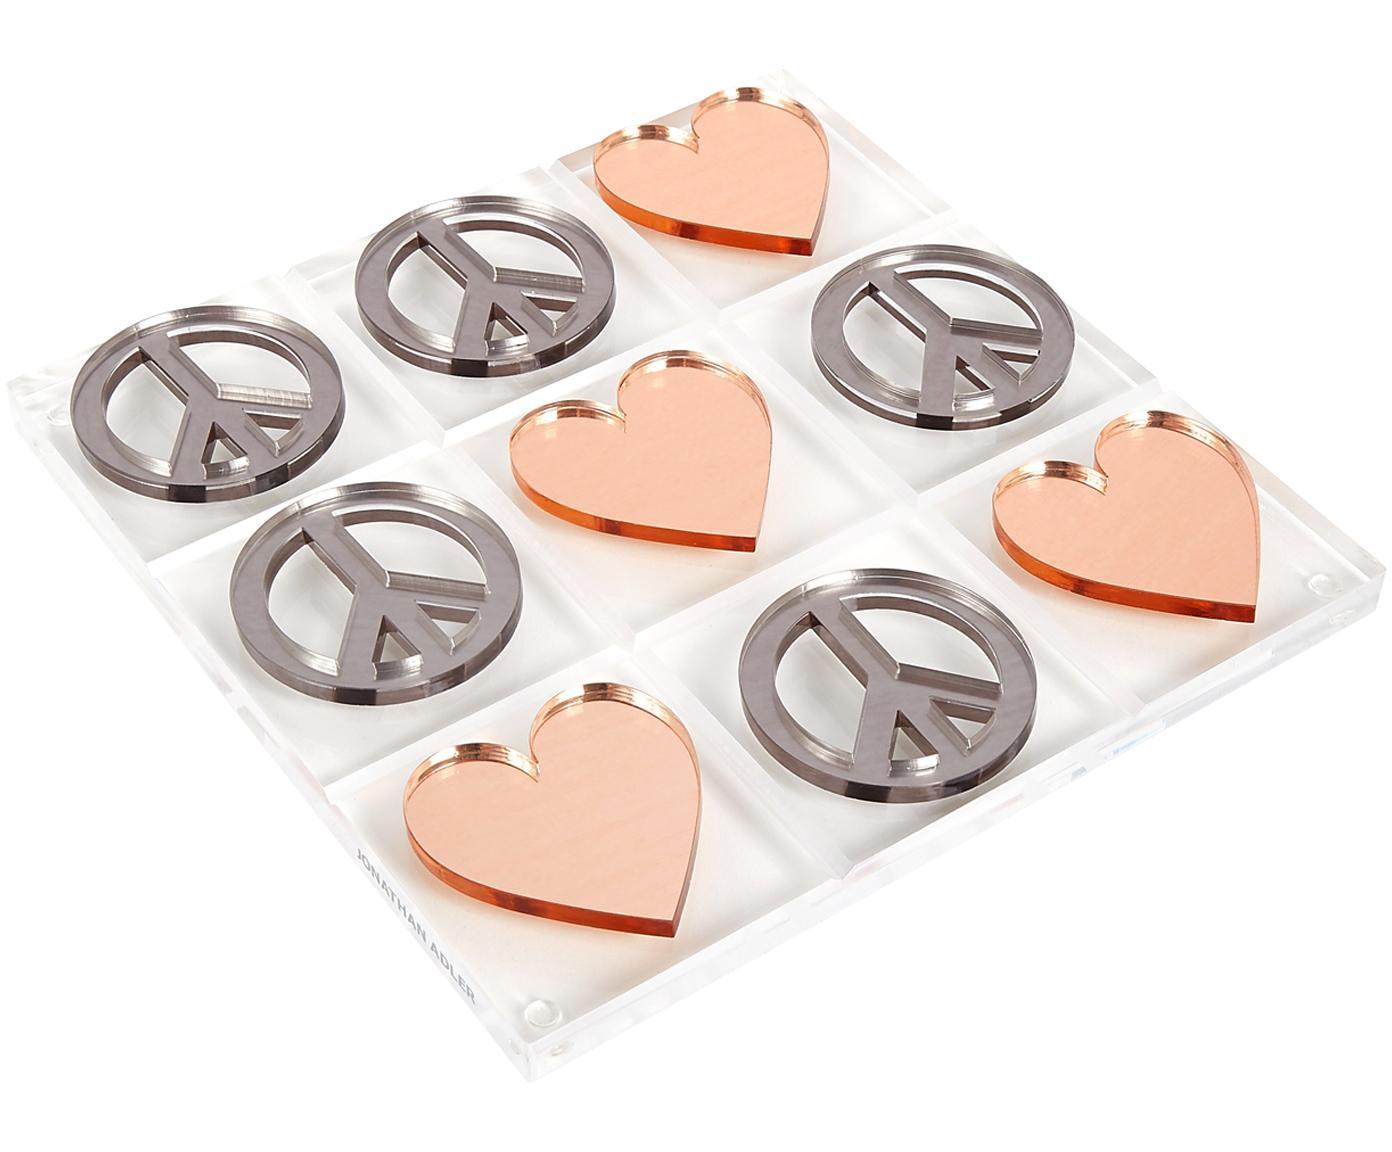 Juego de mesa Love & Peace Tic Tac Toe, Vidrio 100% acrílico, Piezas: color plata y bronce Tablero: transparente, An 26 x L 26 cm